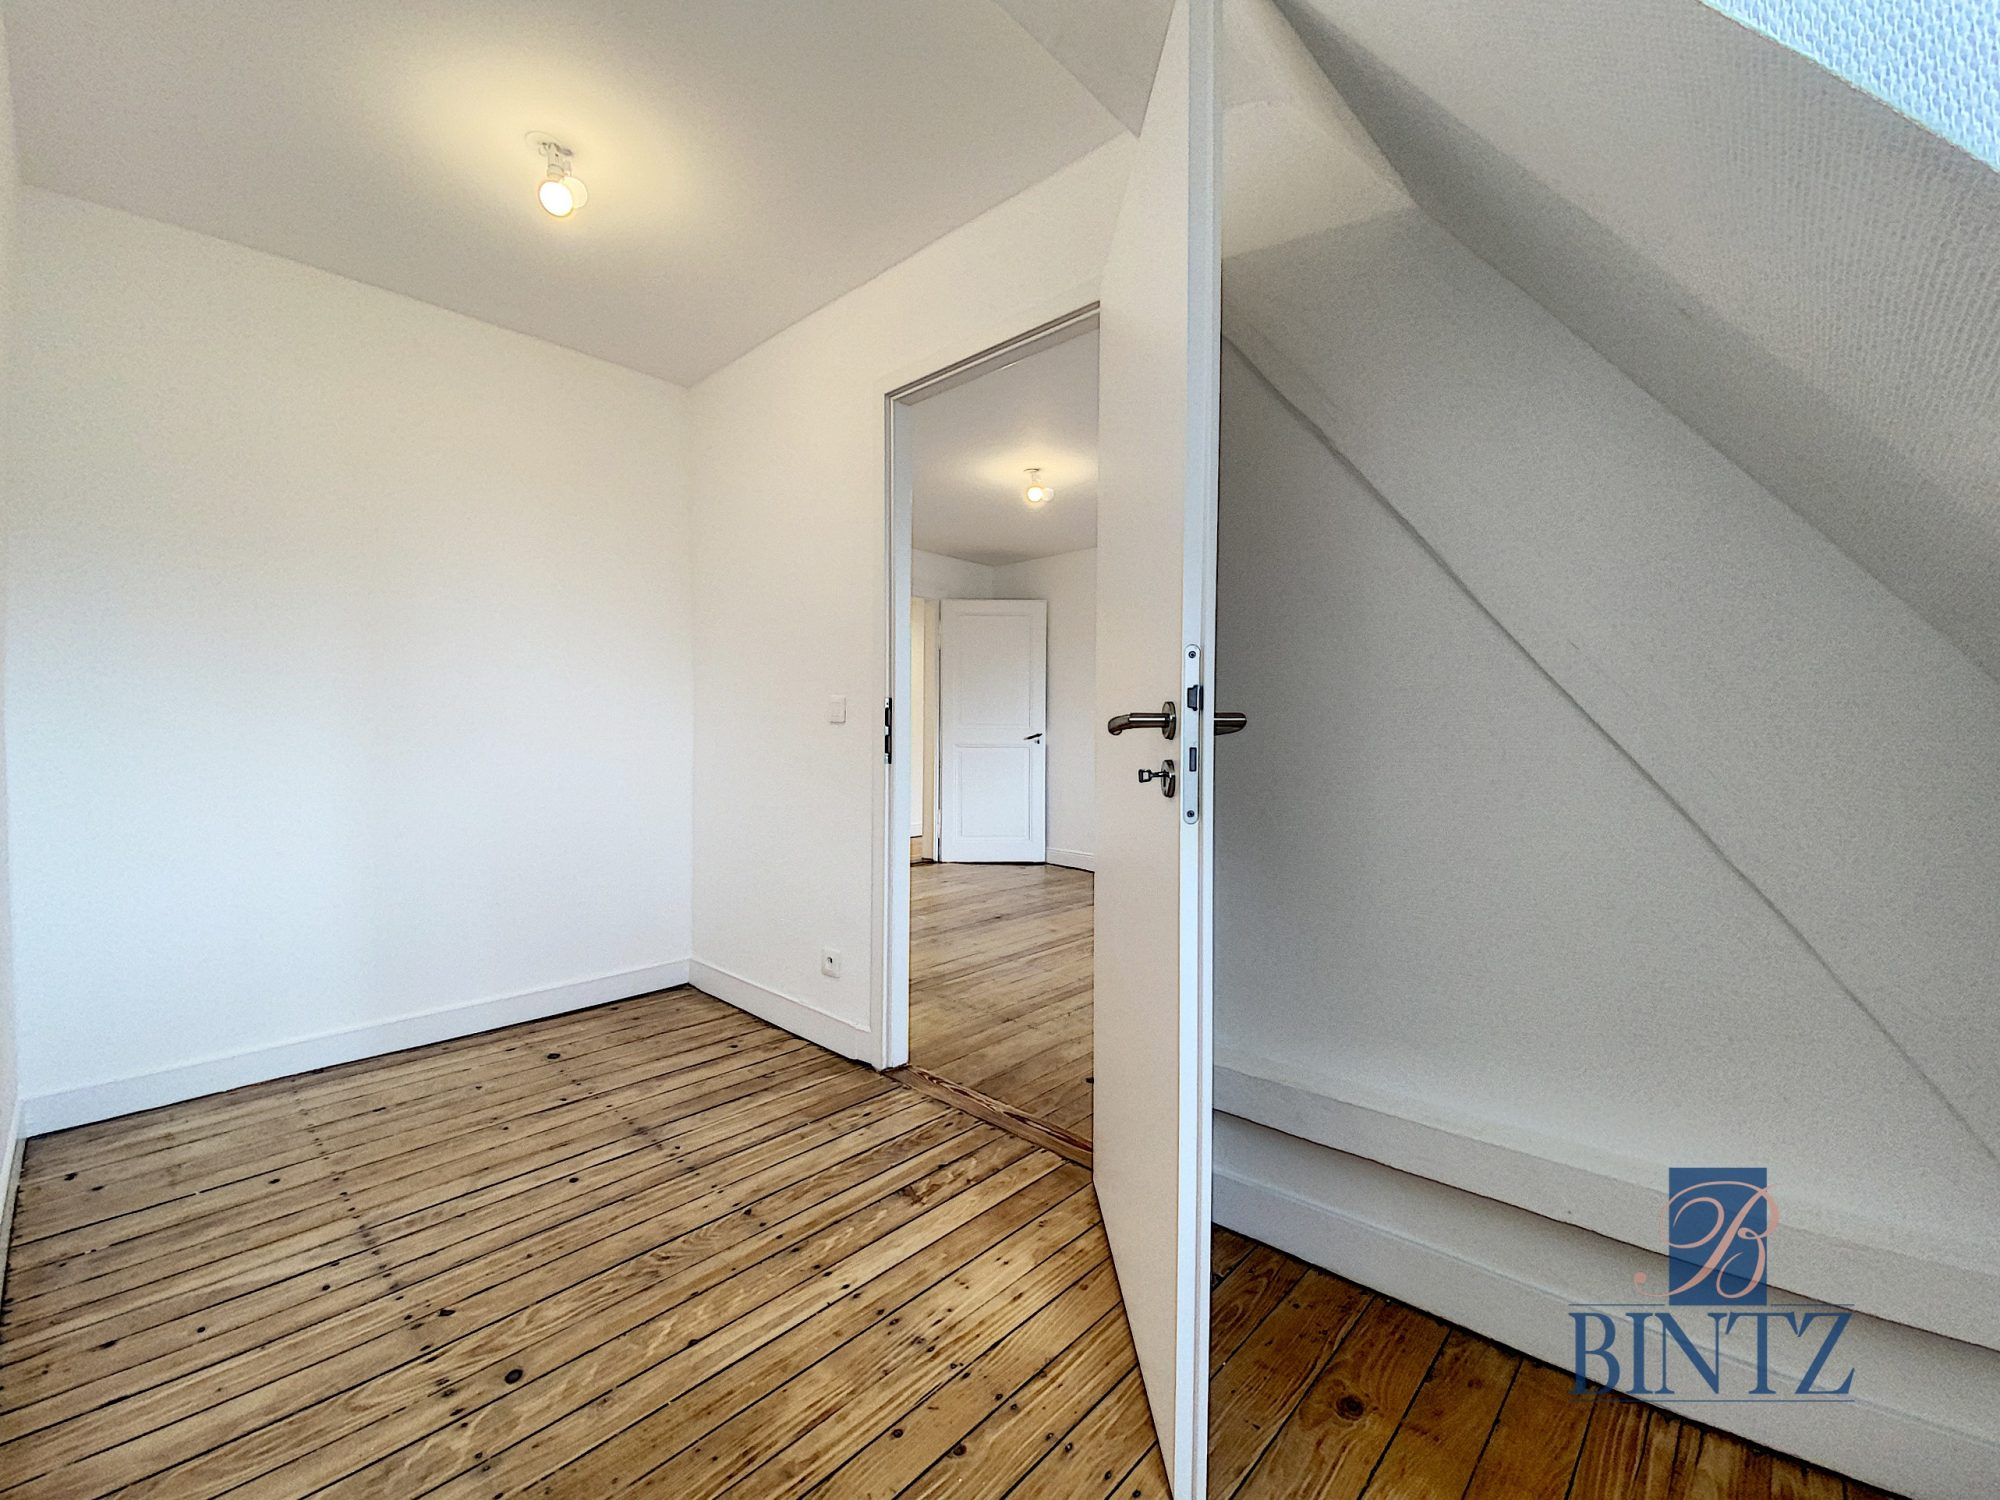 T3 BD LEBLOIS 5EME - Devenez locataire en toute sérénité - Bintz Immobilier - 11